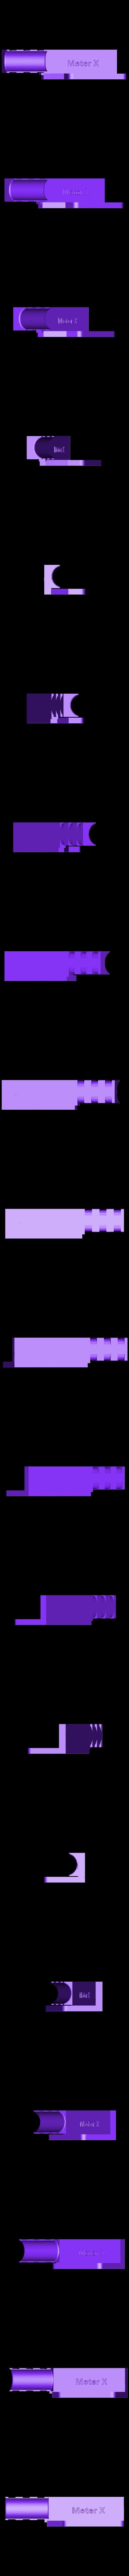 Fix_cable_clamp_Motor_X.stl Télécharger fichier STL gratuit Porte-câble avec pince • Modèle pour impression 3D, rovanni